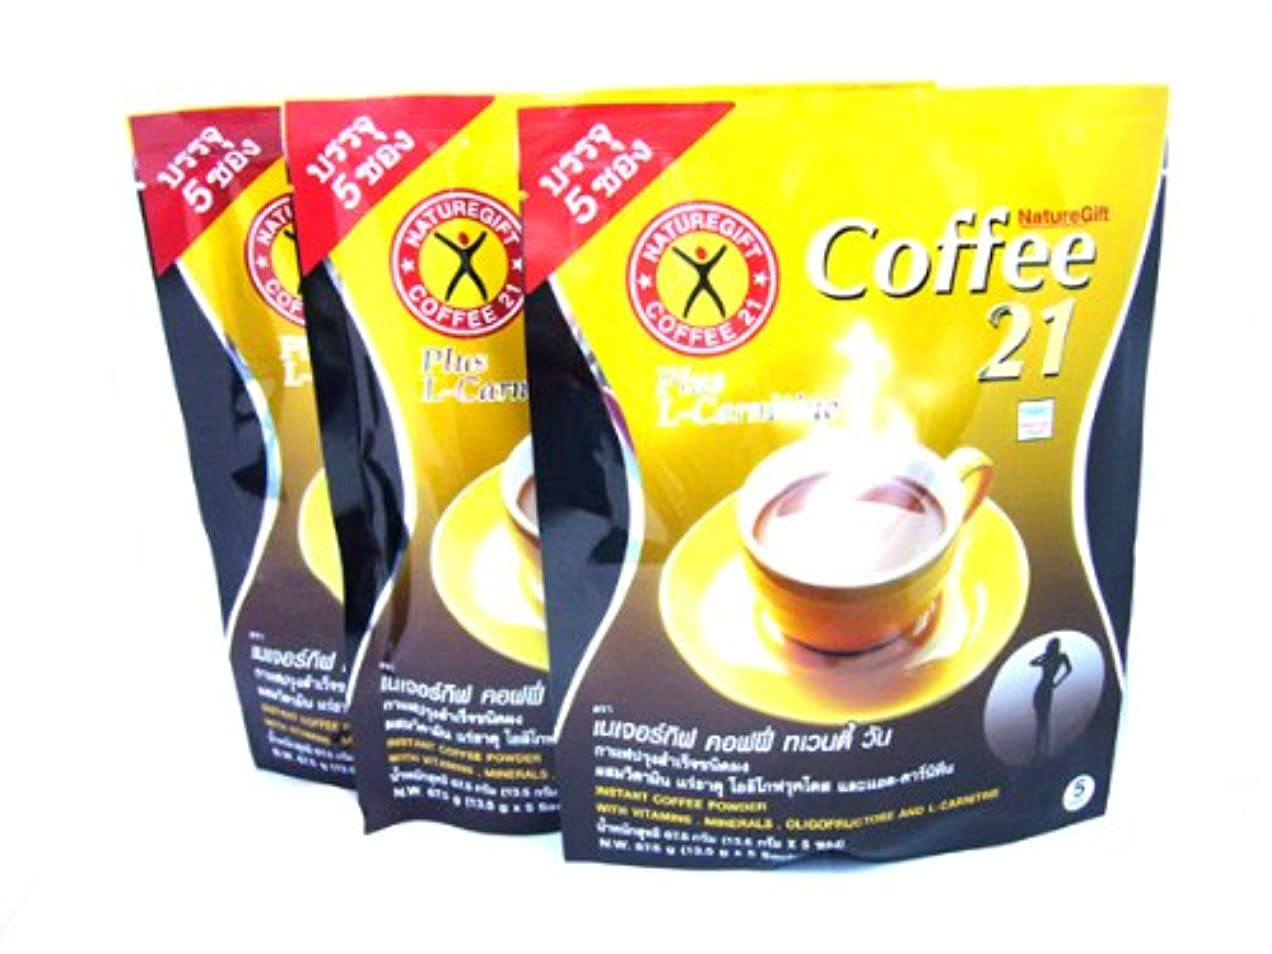 寛大な送った紫の3x Naturegift Instant Coffee Mix 21 Plus L-carnitine Slimming Weight Loss Diet Made in Thailand by alanroger